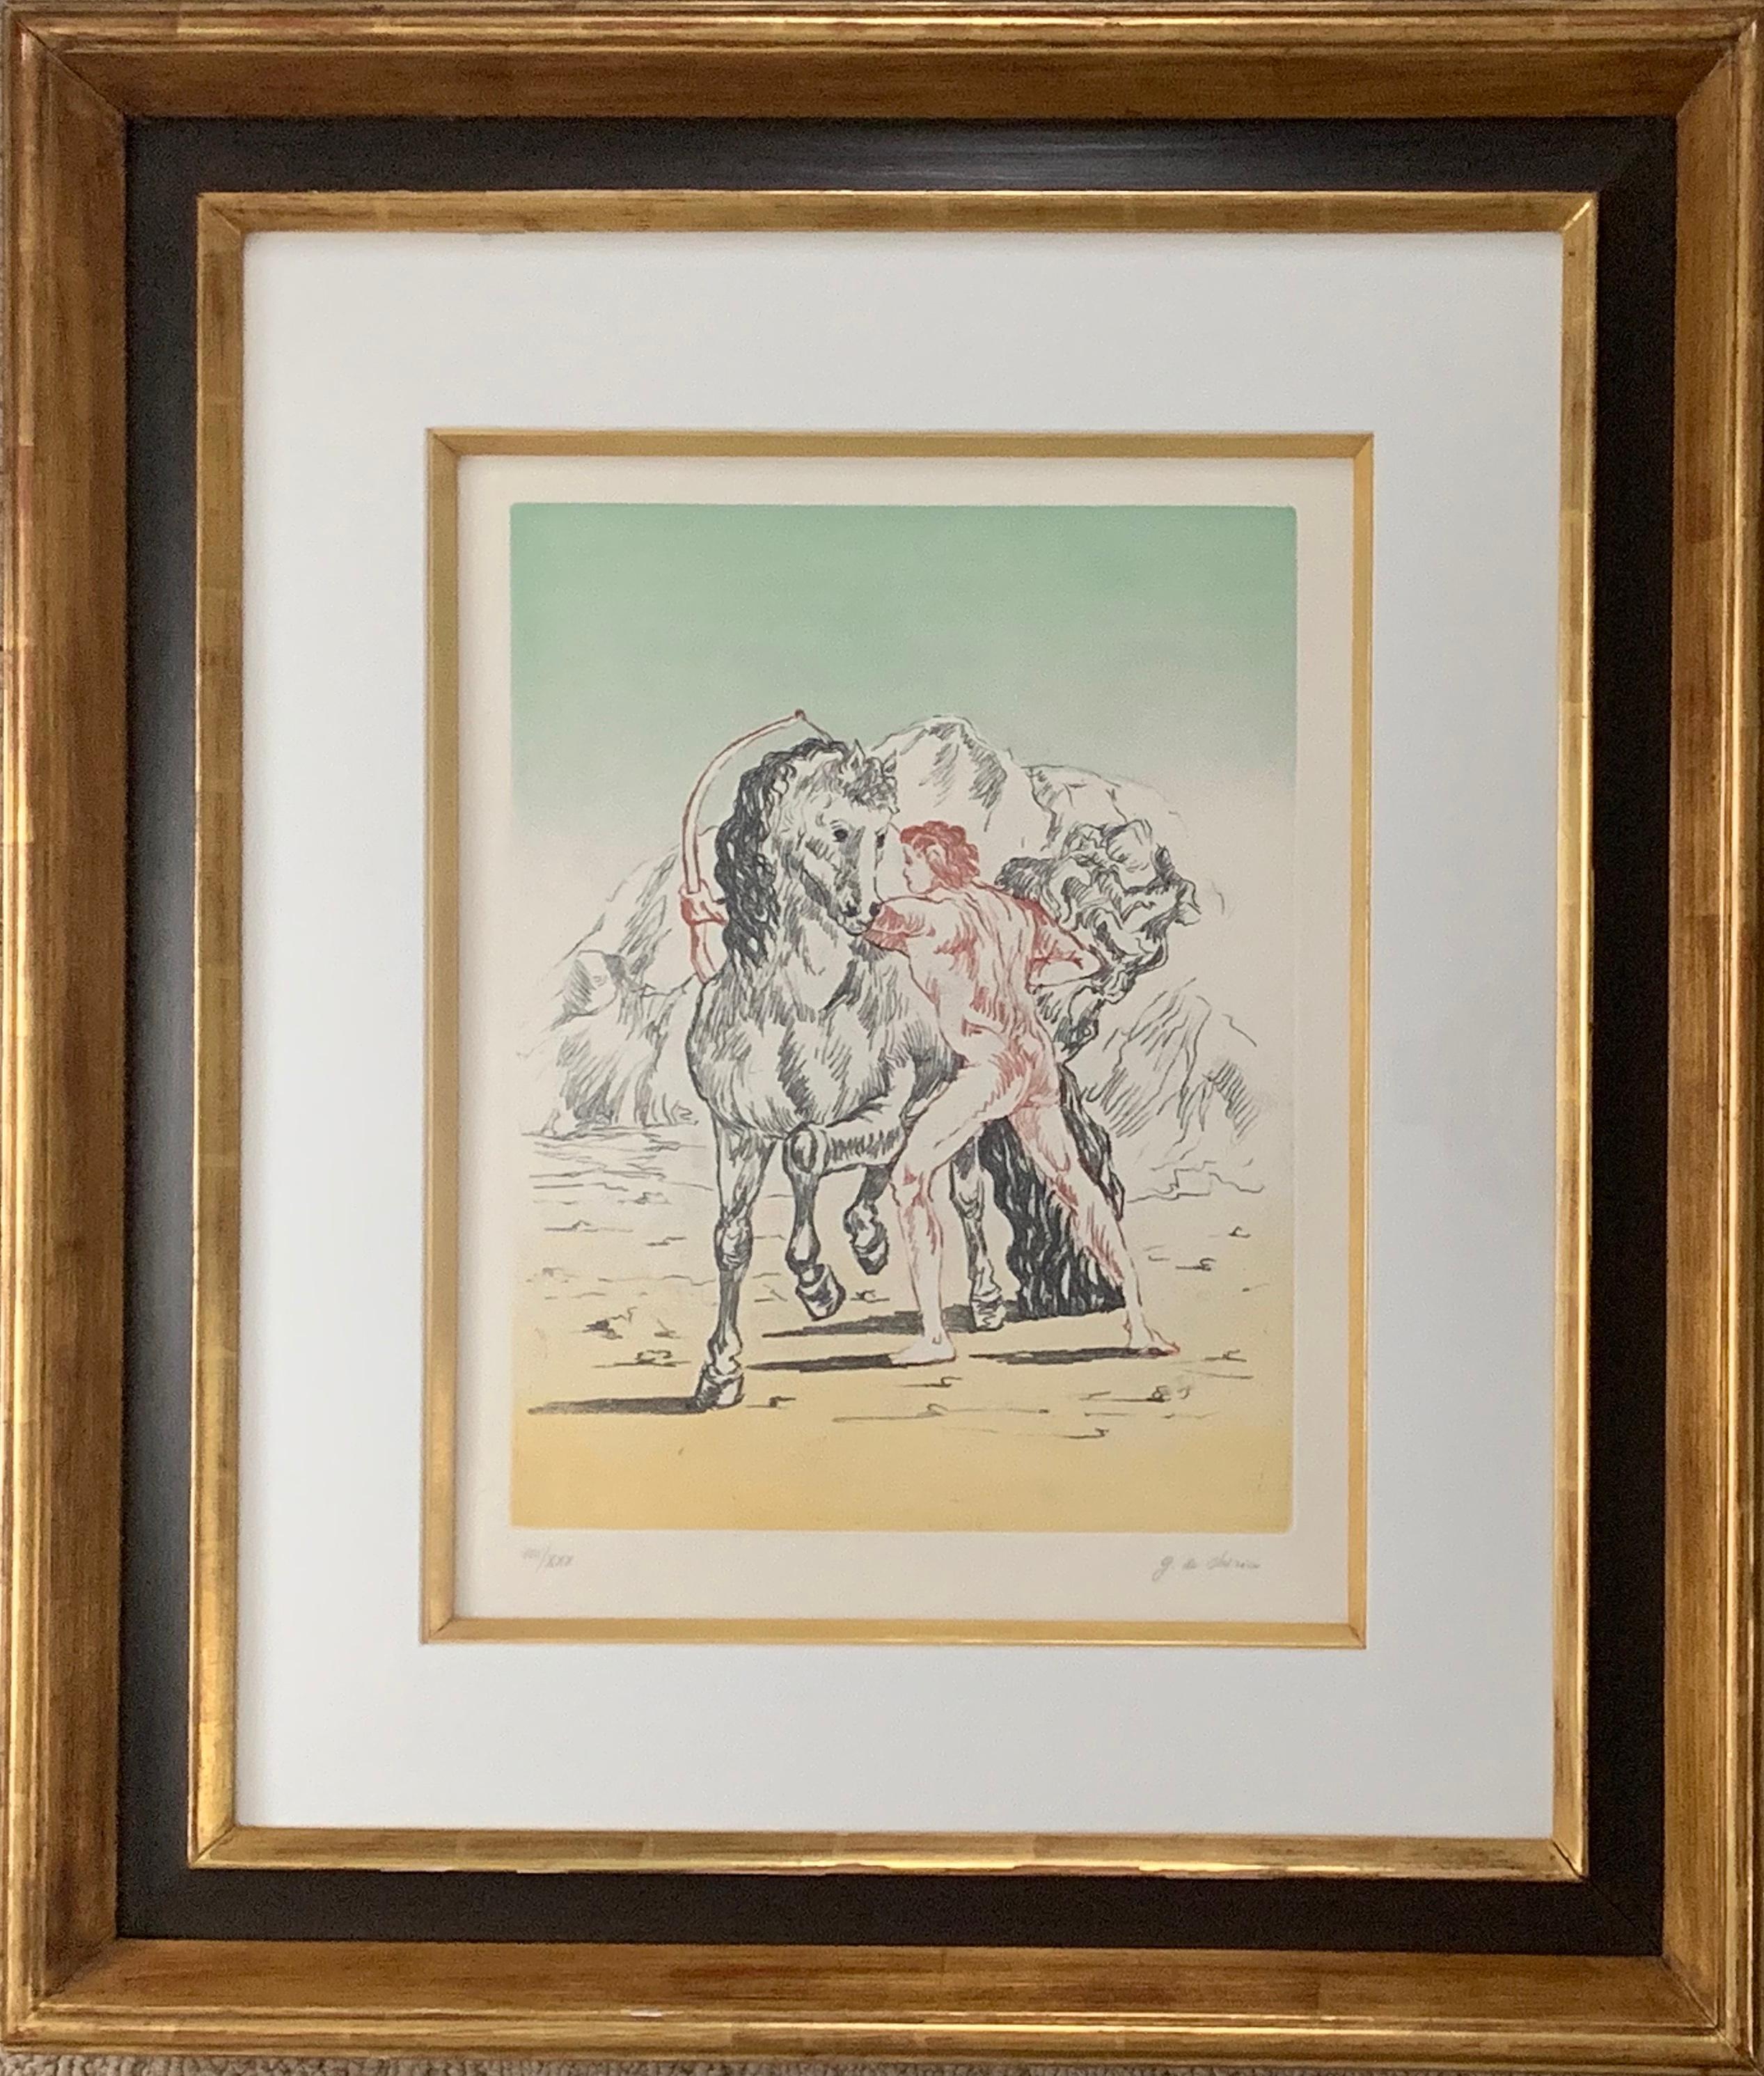 Arciere con cavallo (Archer with horse)